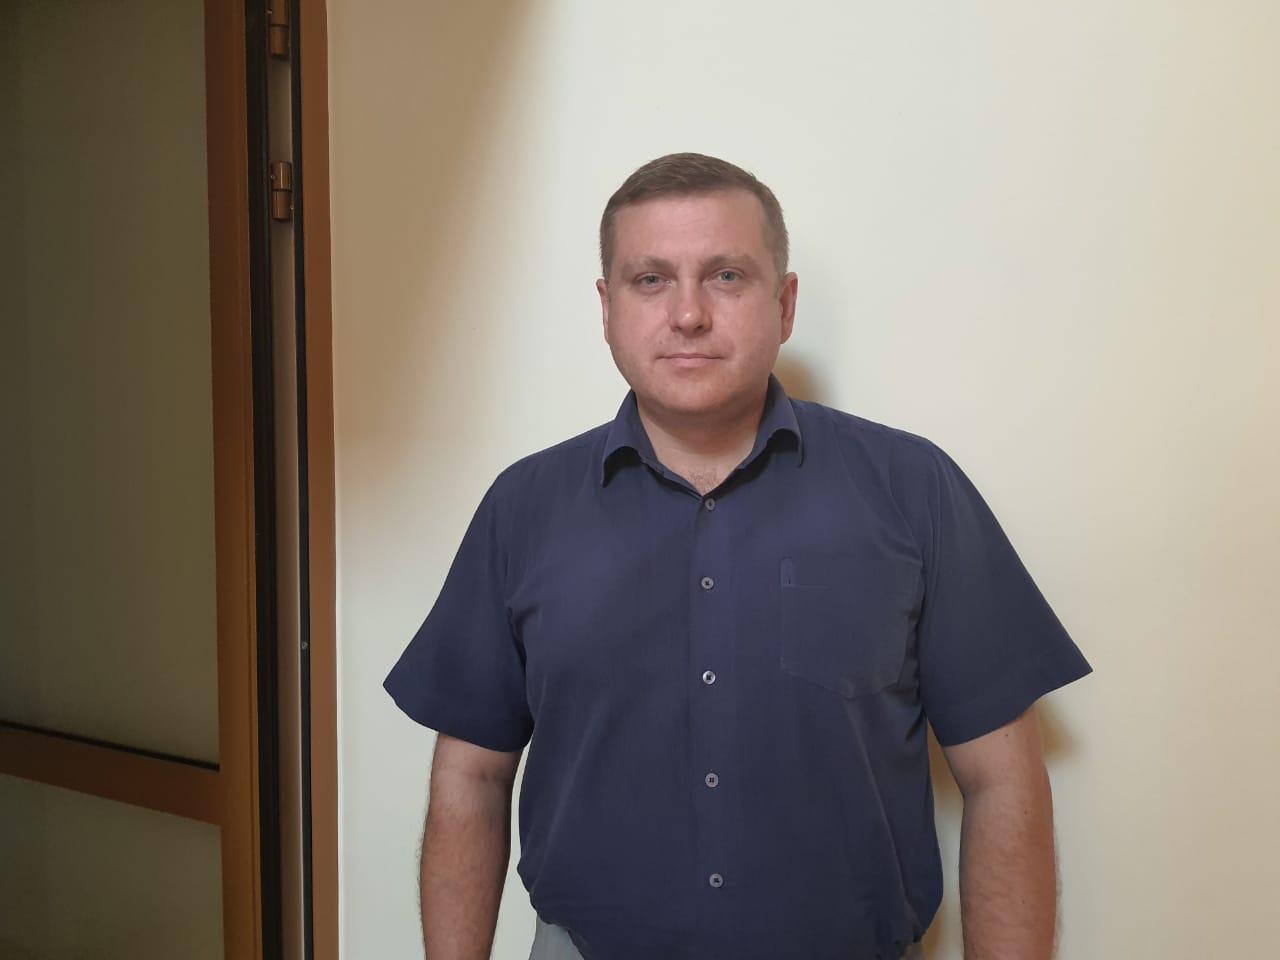 Из омской мэрии уволился очередной высокопоставленный чиновник #Новости #Общество #Омск